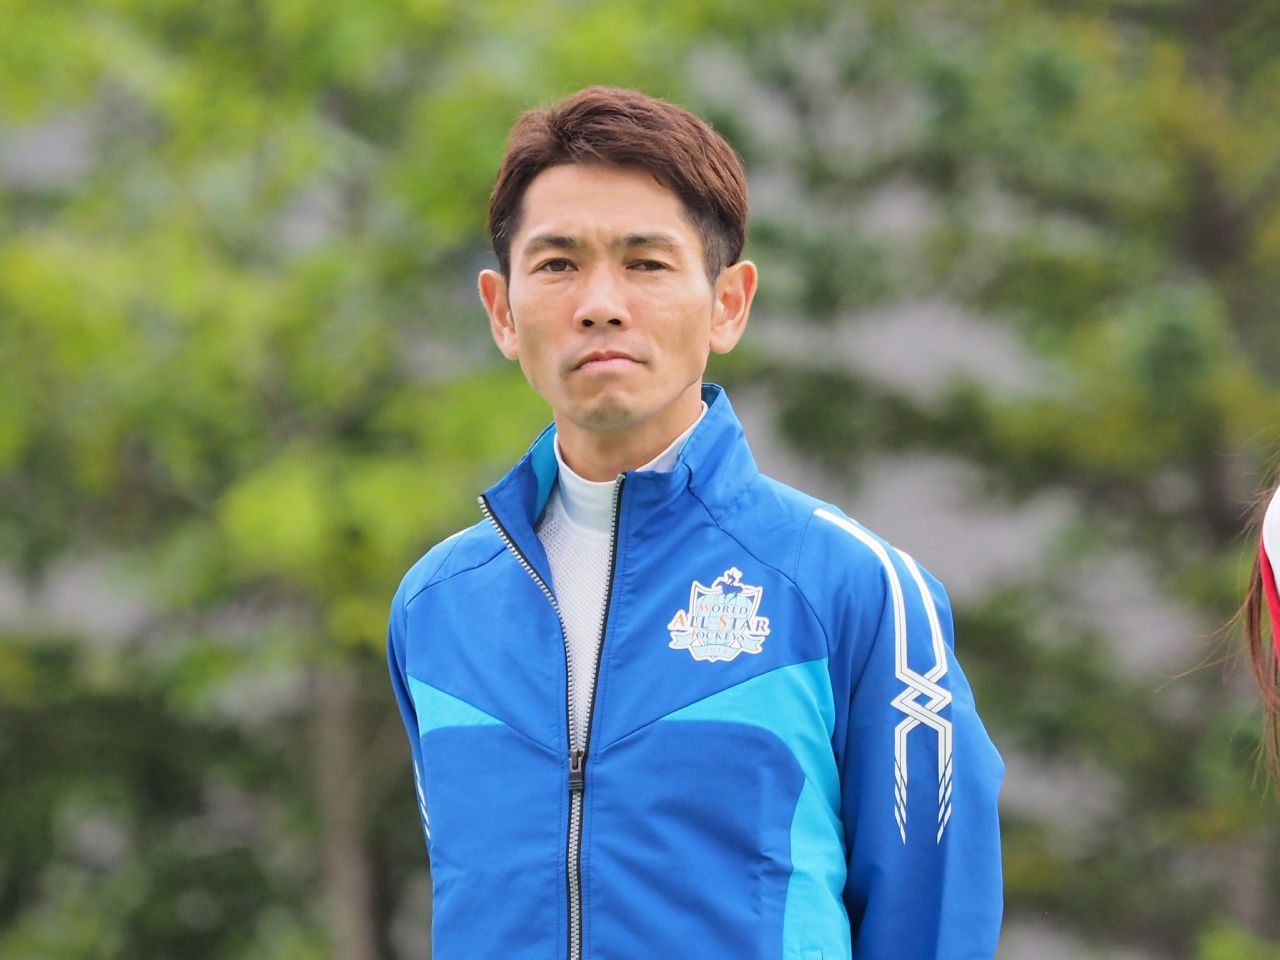 戸崎圭太騎手が14勝で夏の福島リーディングを獲得